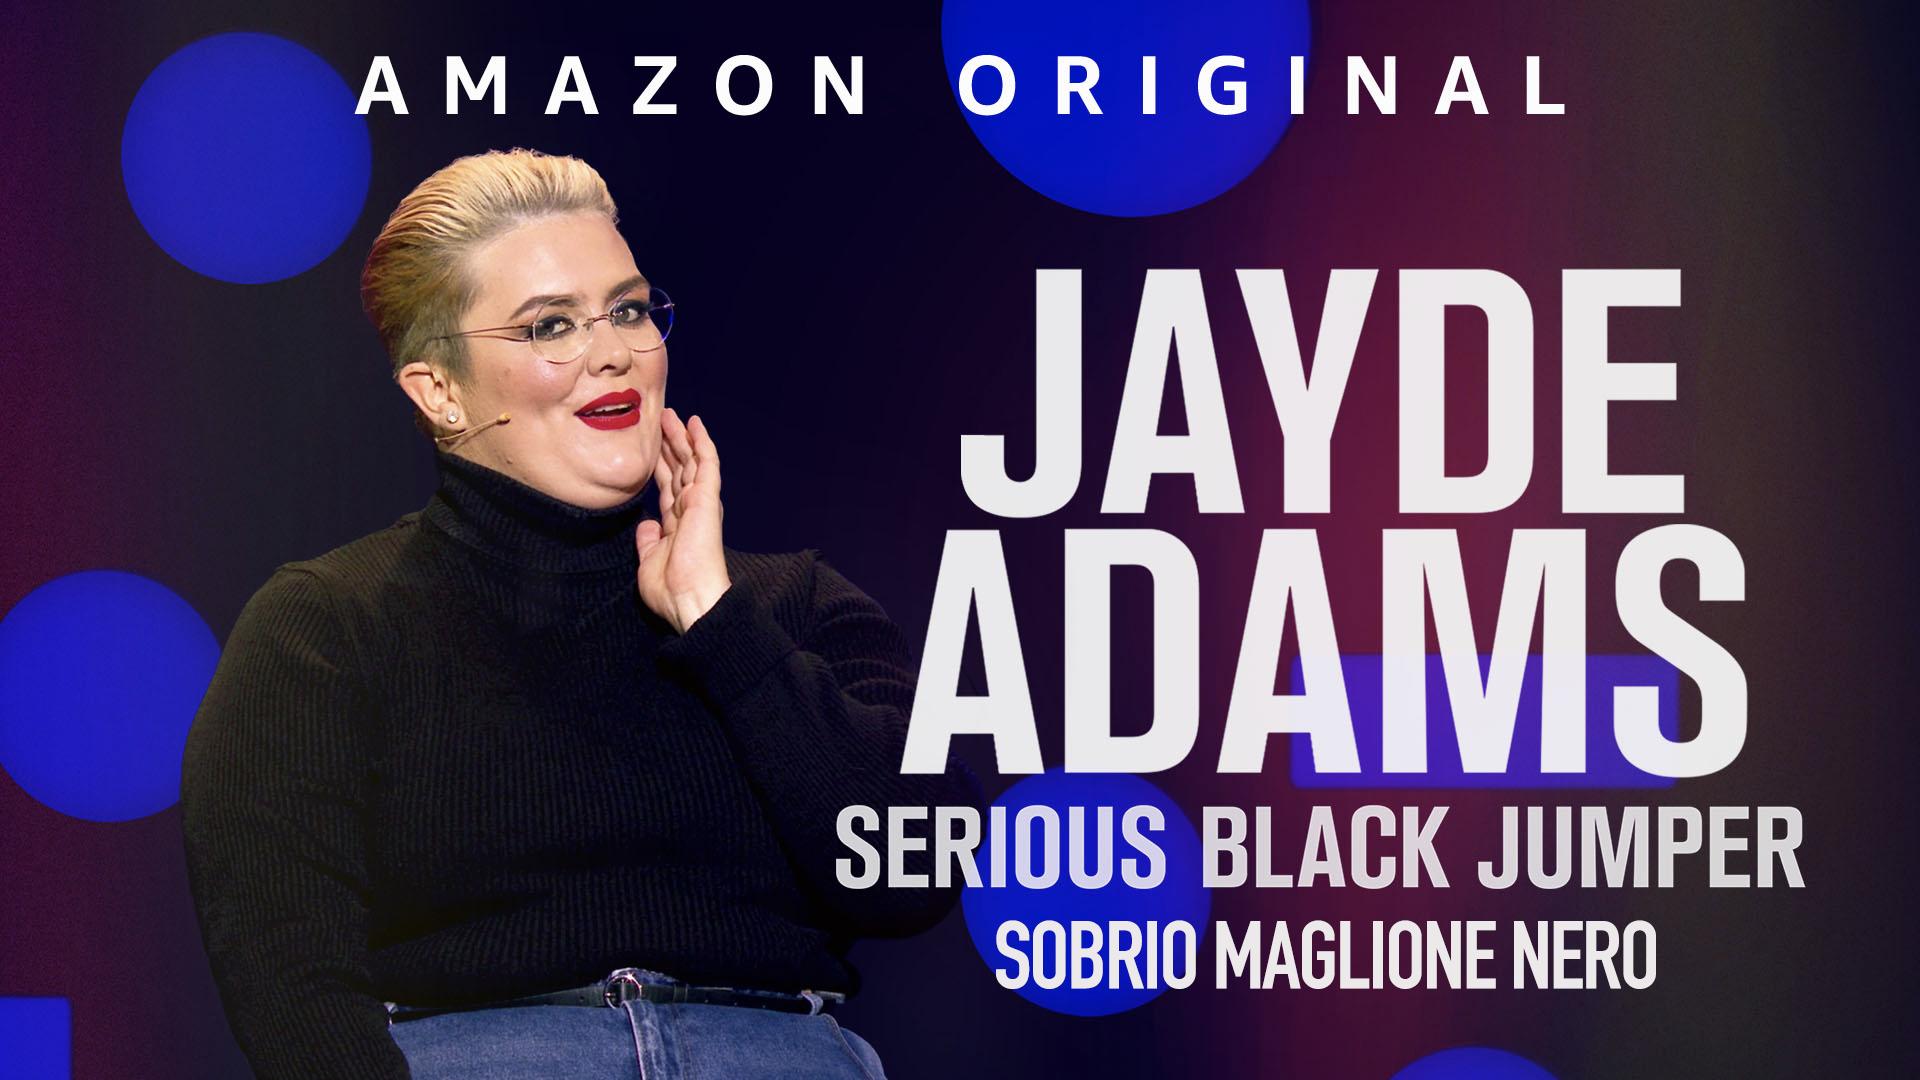 Jayde Adams: Sobrio maglione nero